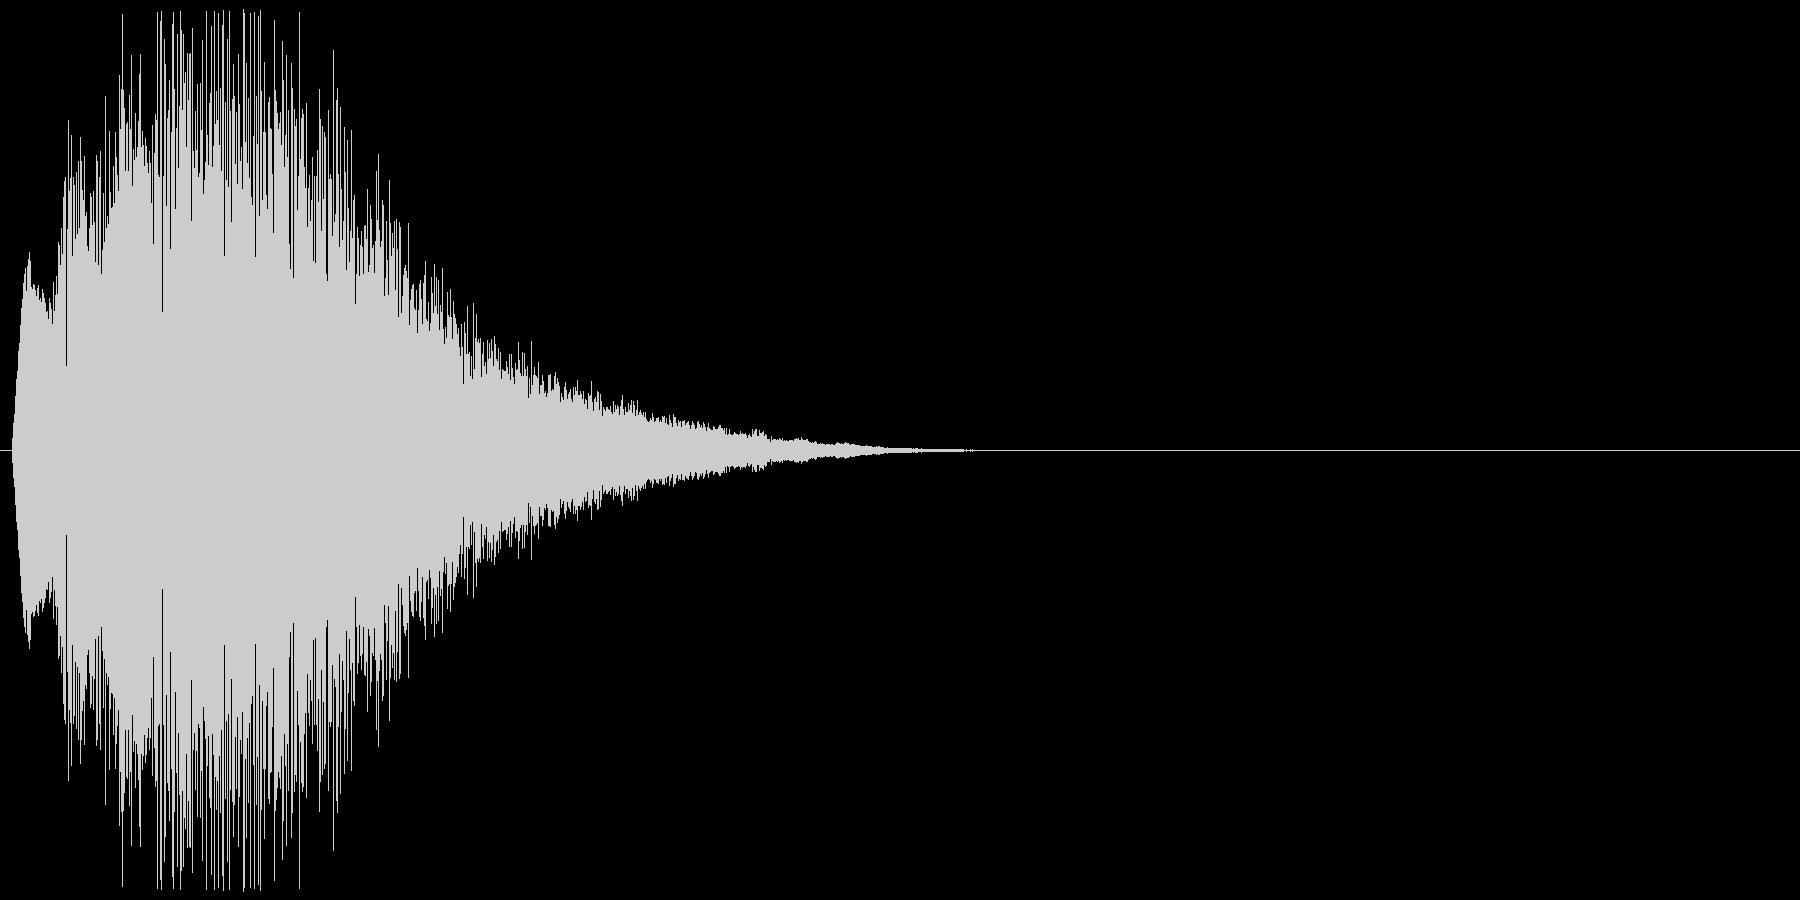 キュイーン+キラキラ(詠唱、呪文)の未再生の波形